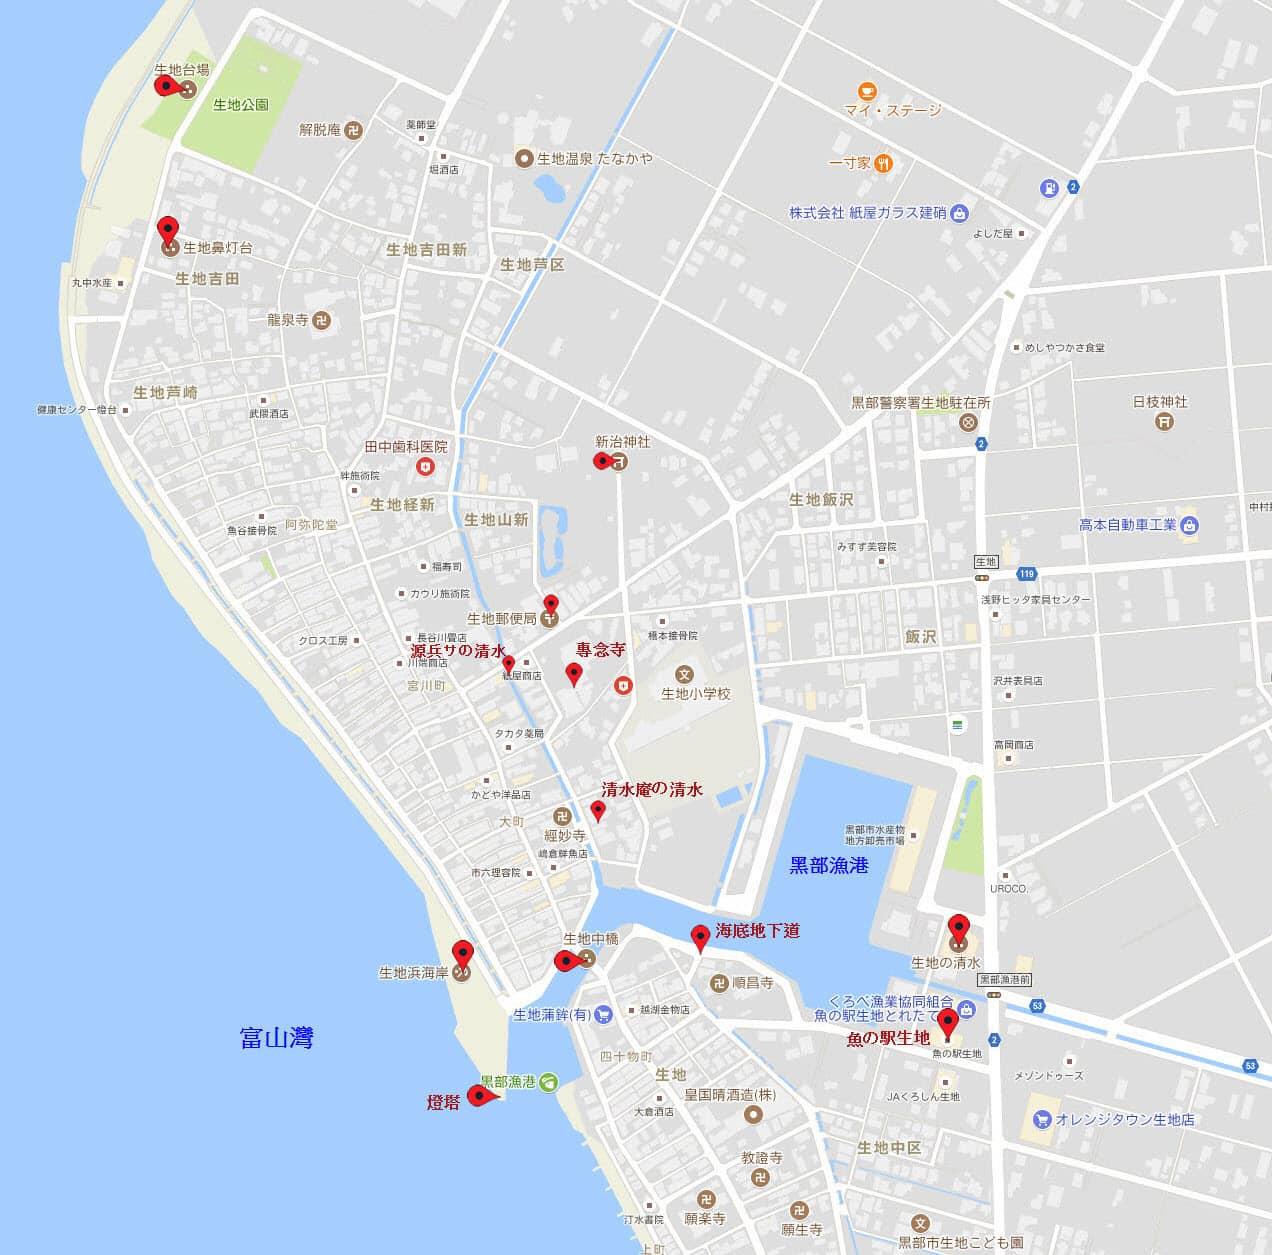 黒部市生地遊覽地圖